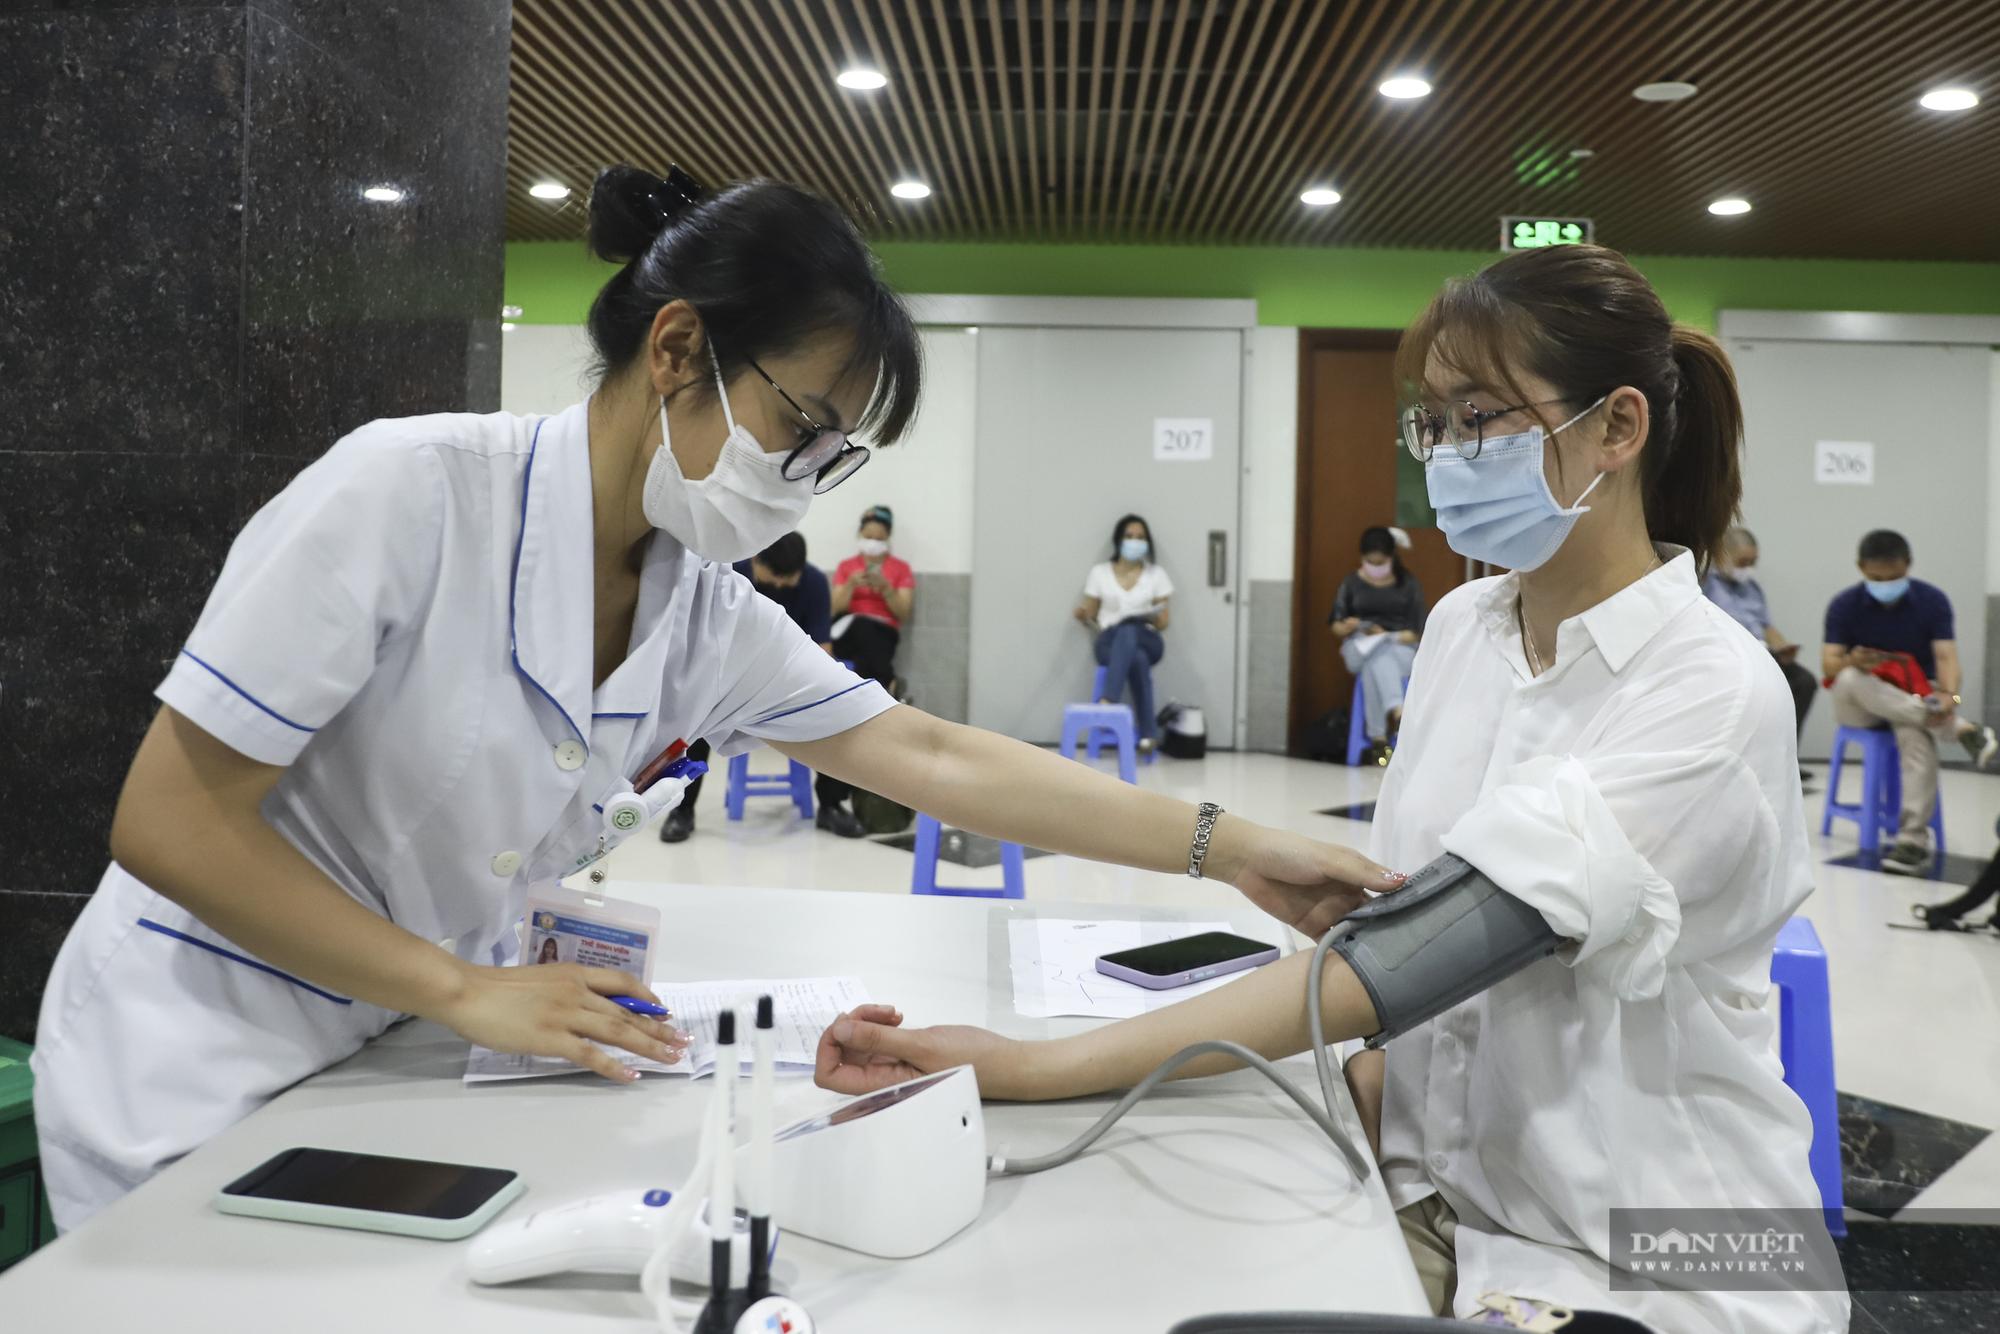 Phòng chống dịch Covid-19: Hà Nội đảm bảo hàng hóa phục vụ nhân dân - Ảnh 3.